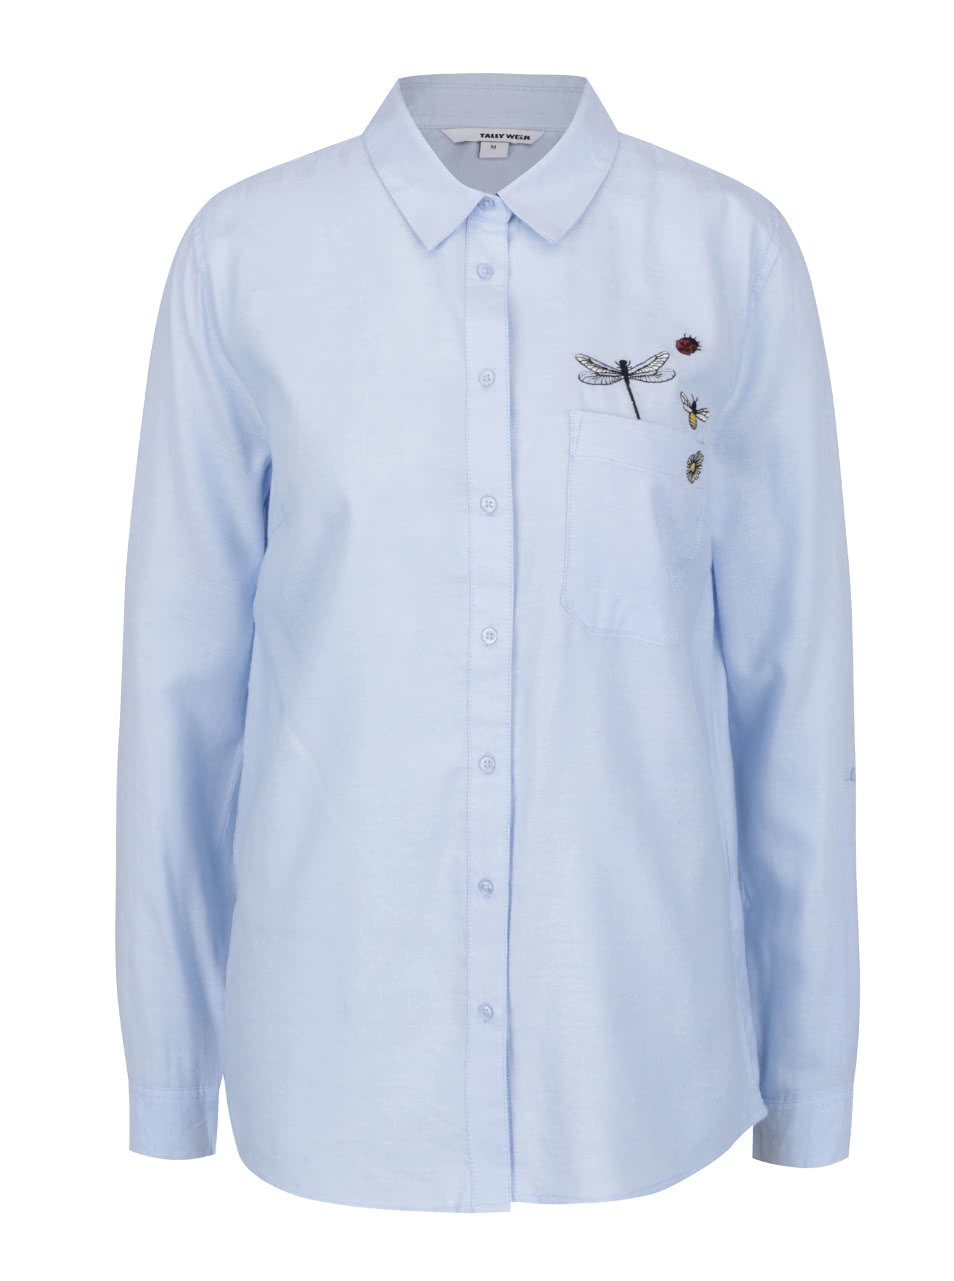 Modrá košile s výšivkou a dlouhým rukávem TALLY WEiJL